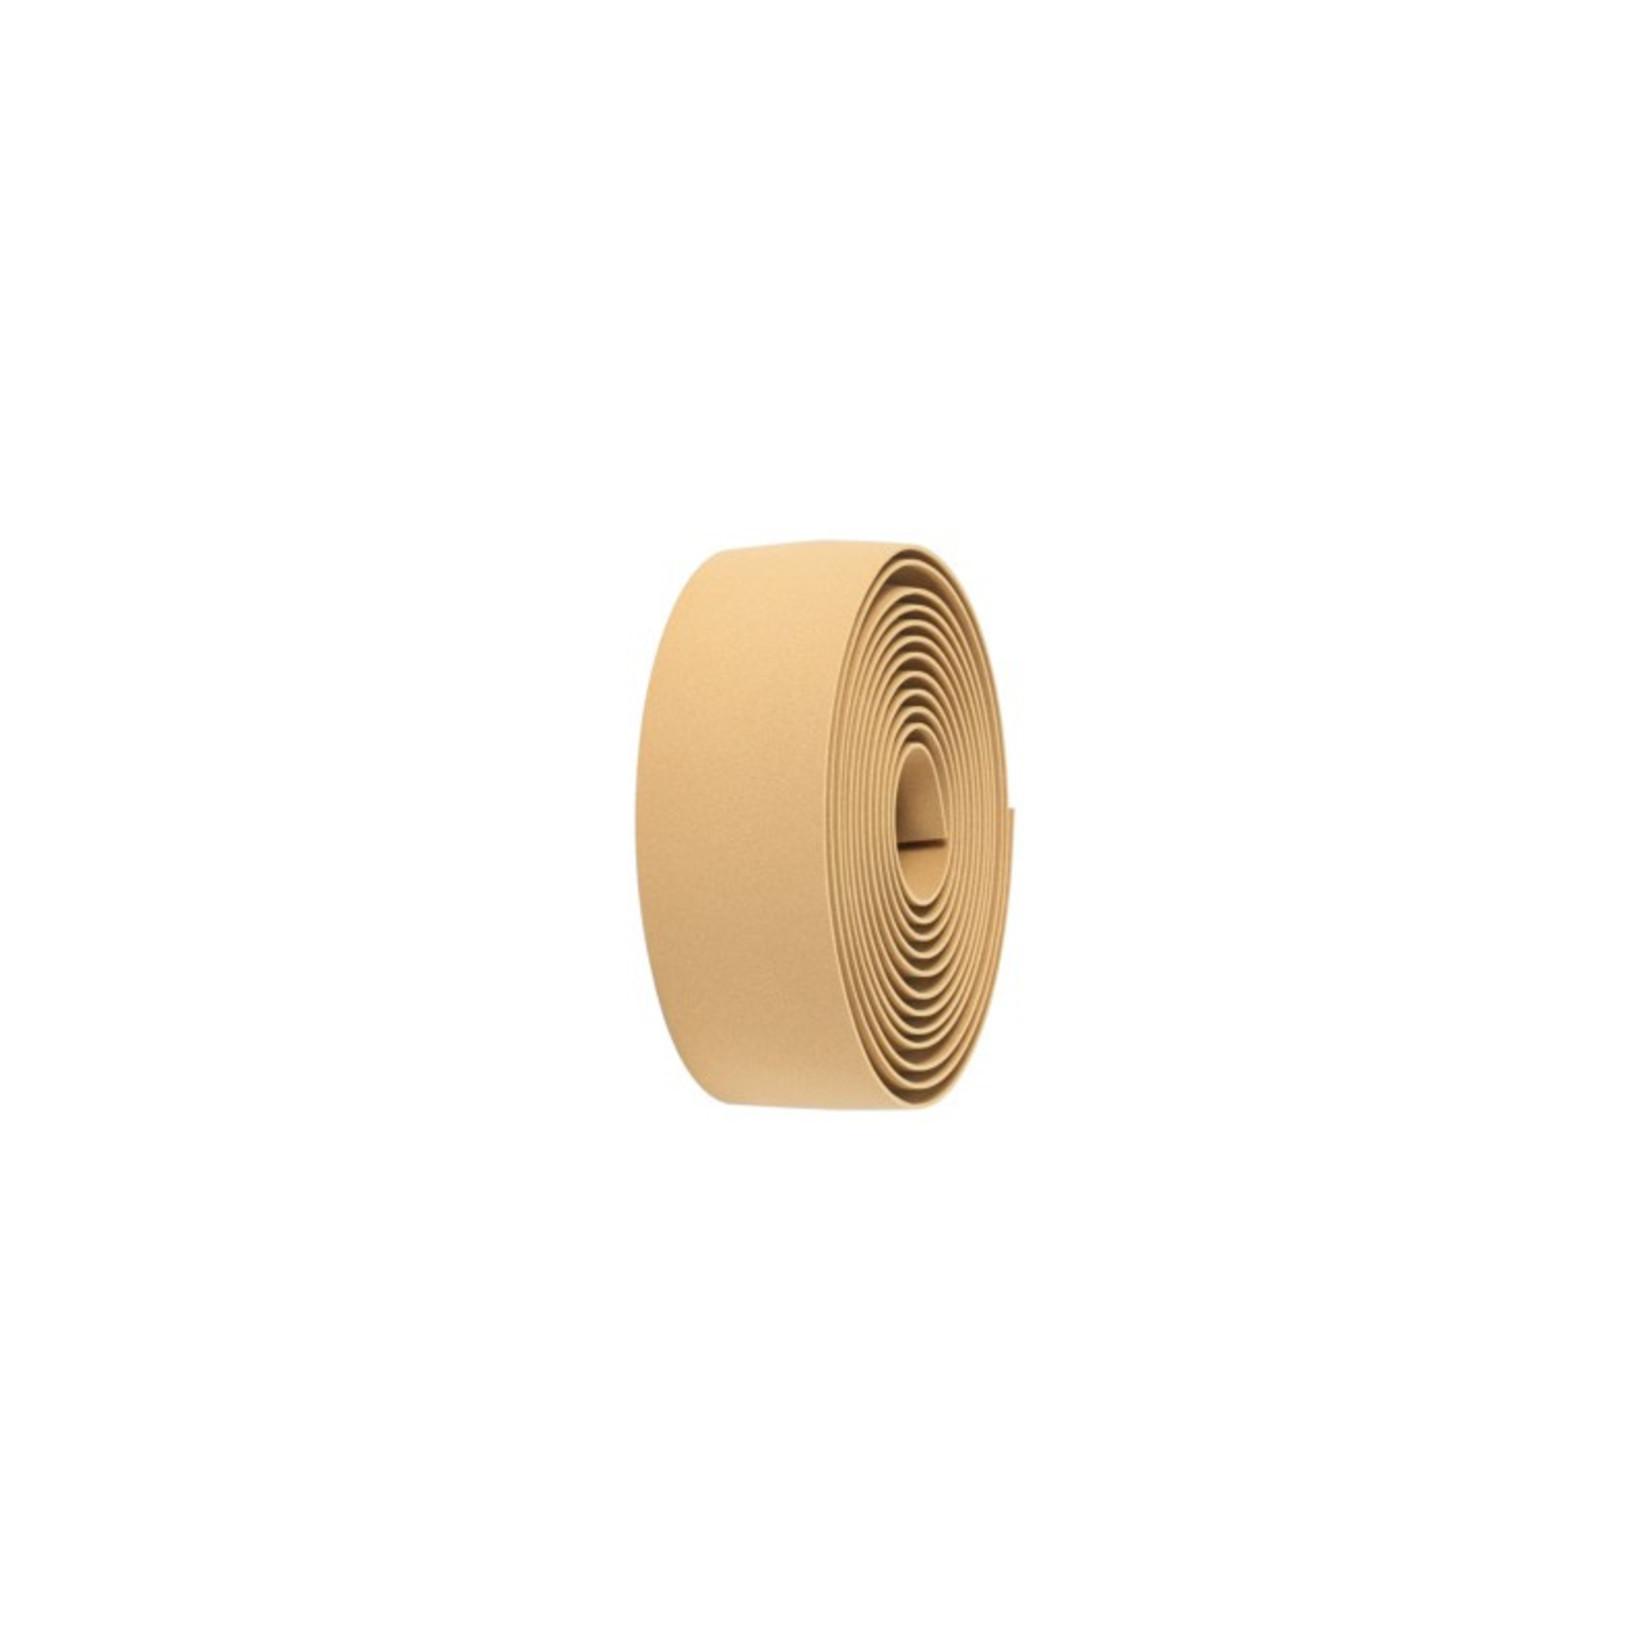 BBB Handlebar Tape - RaceRibbon - Golden Brown